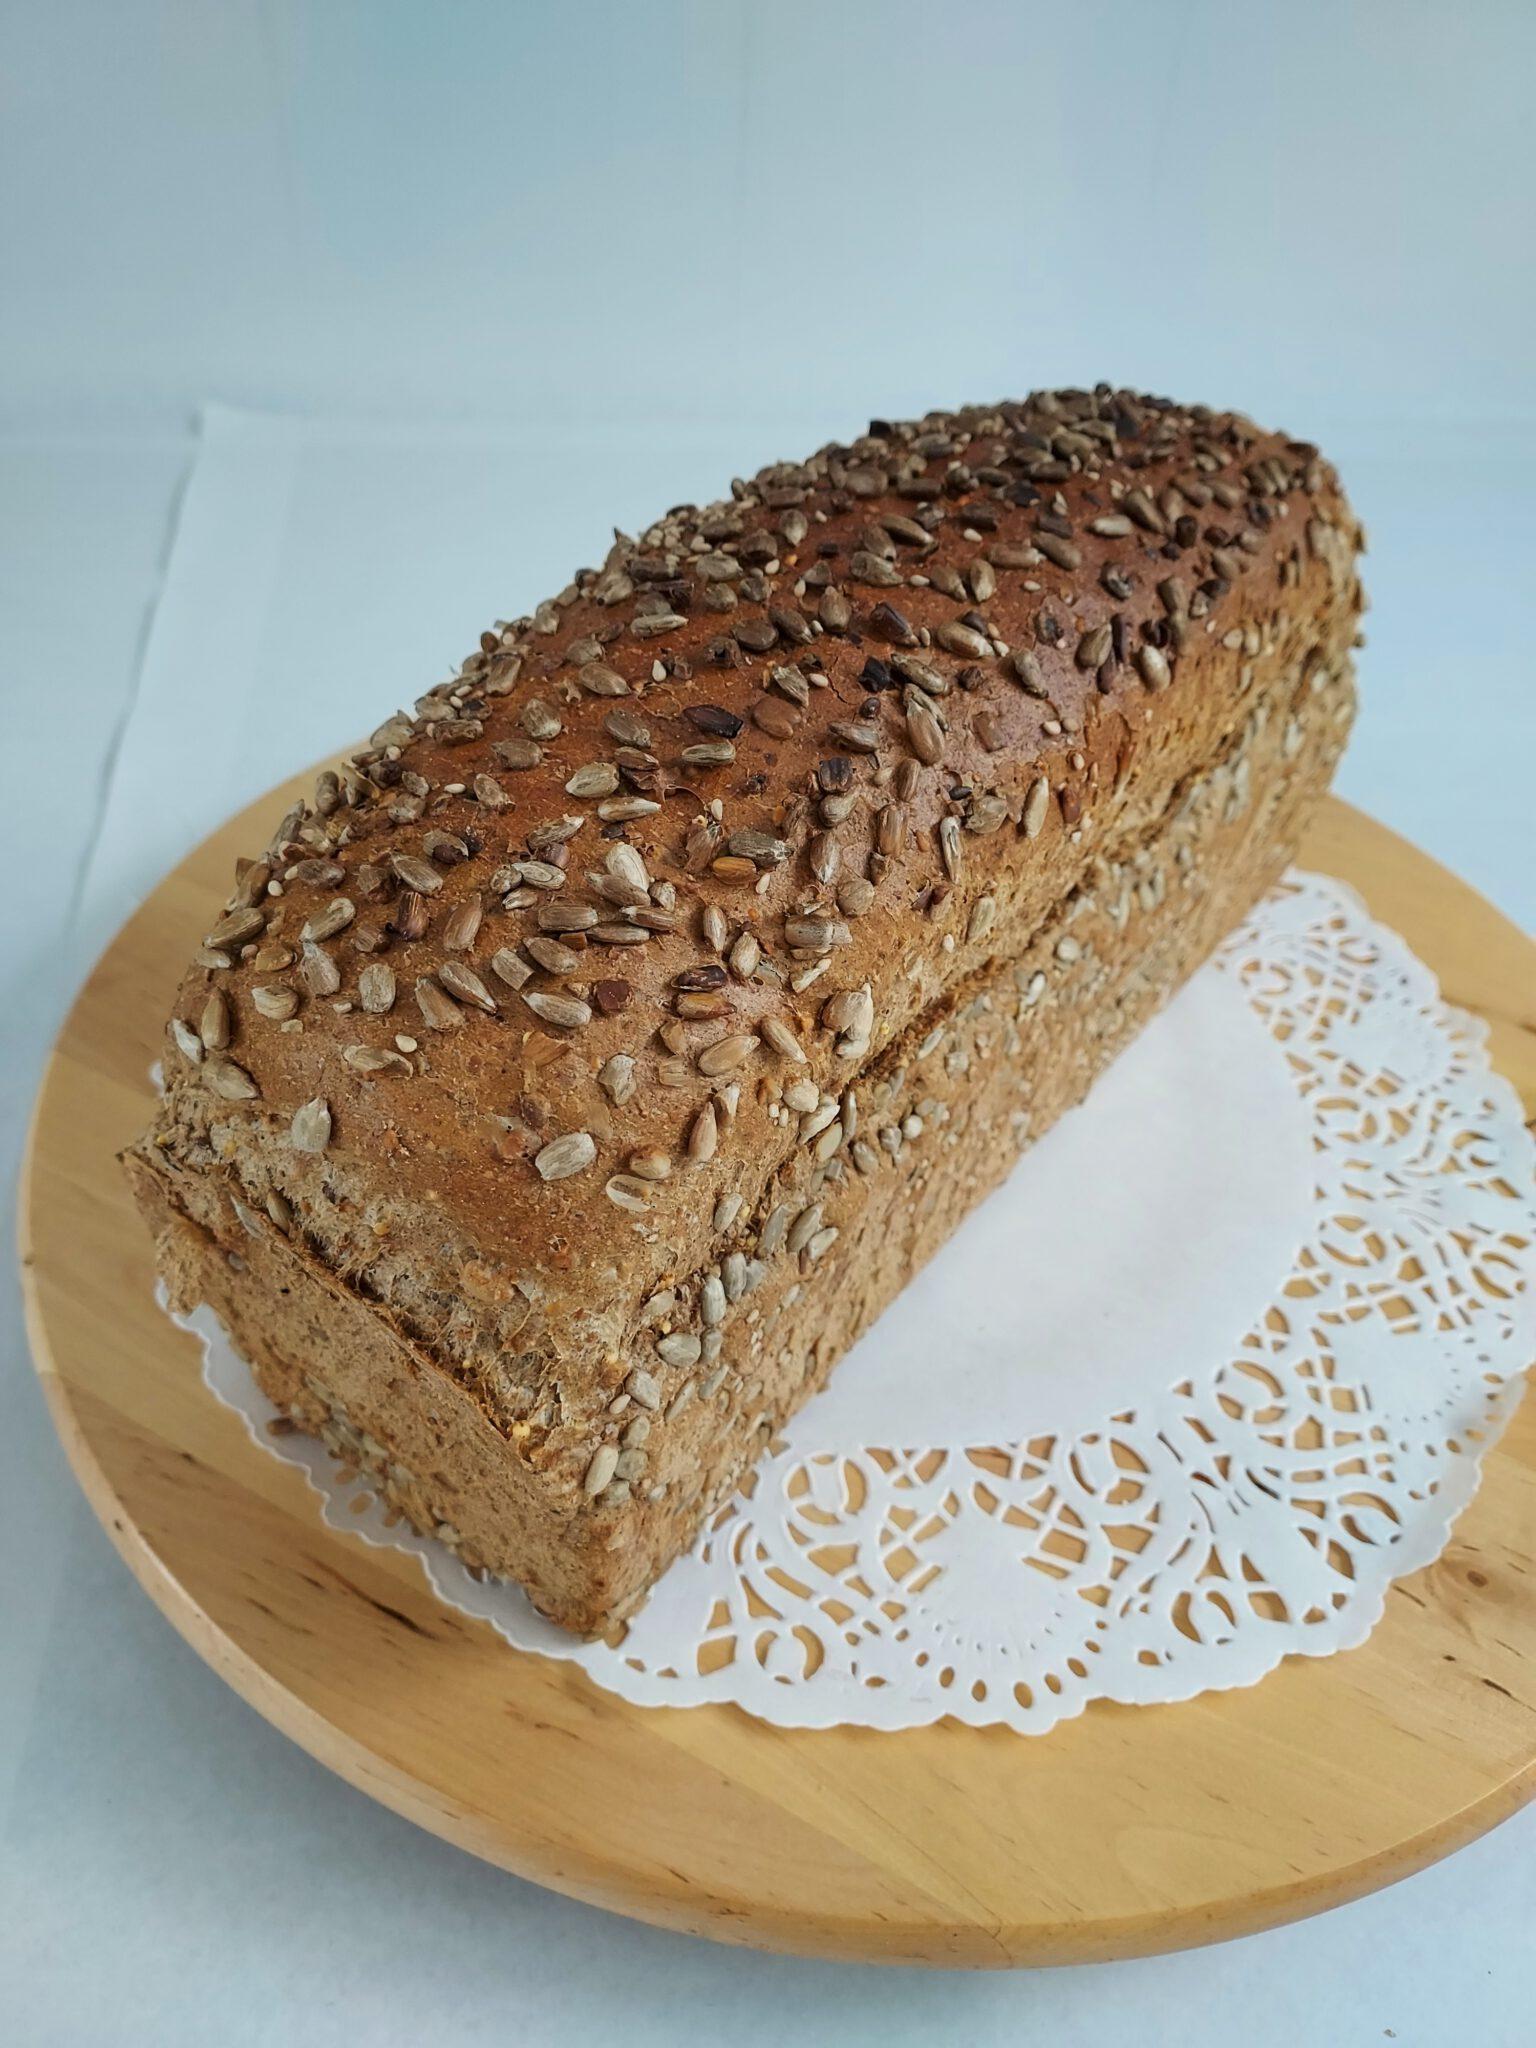 Wat is het meest gegeten brood in Nederland?